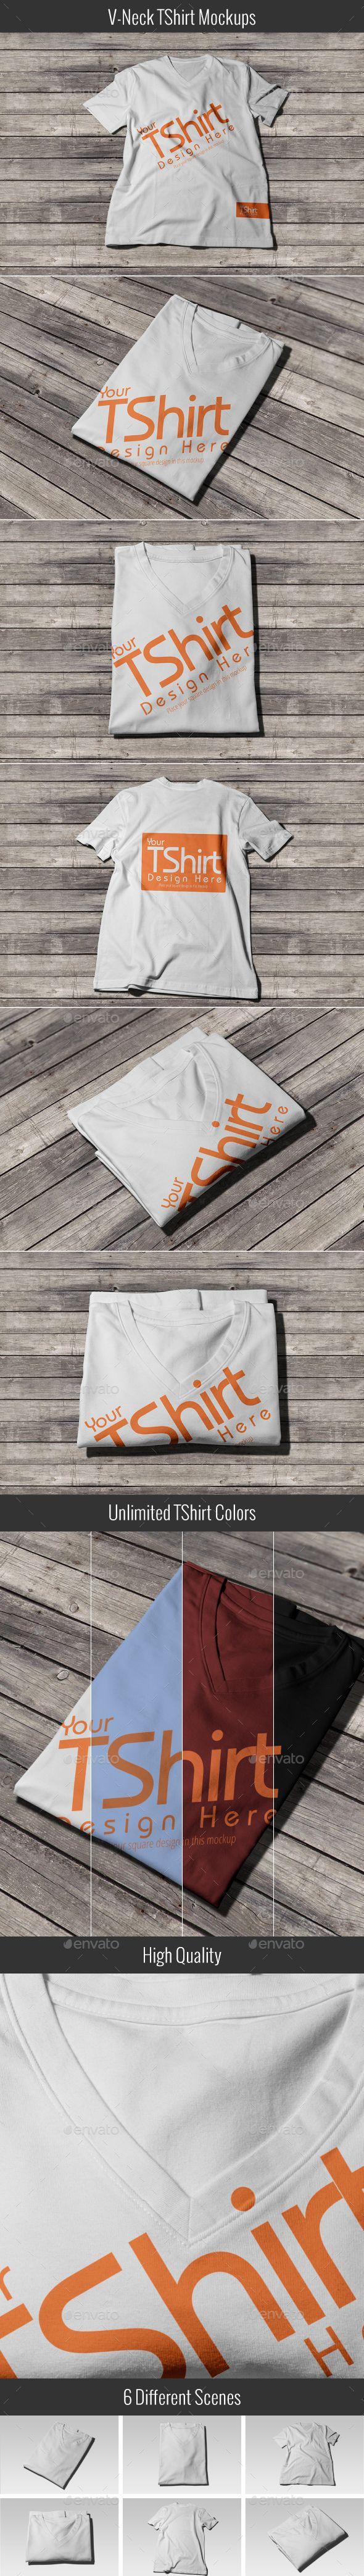 T shirt design app for ipad - T Shirt Mock Up V Neck